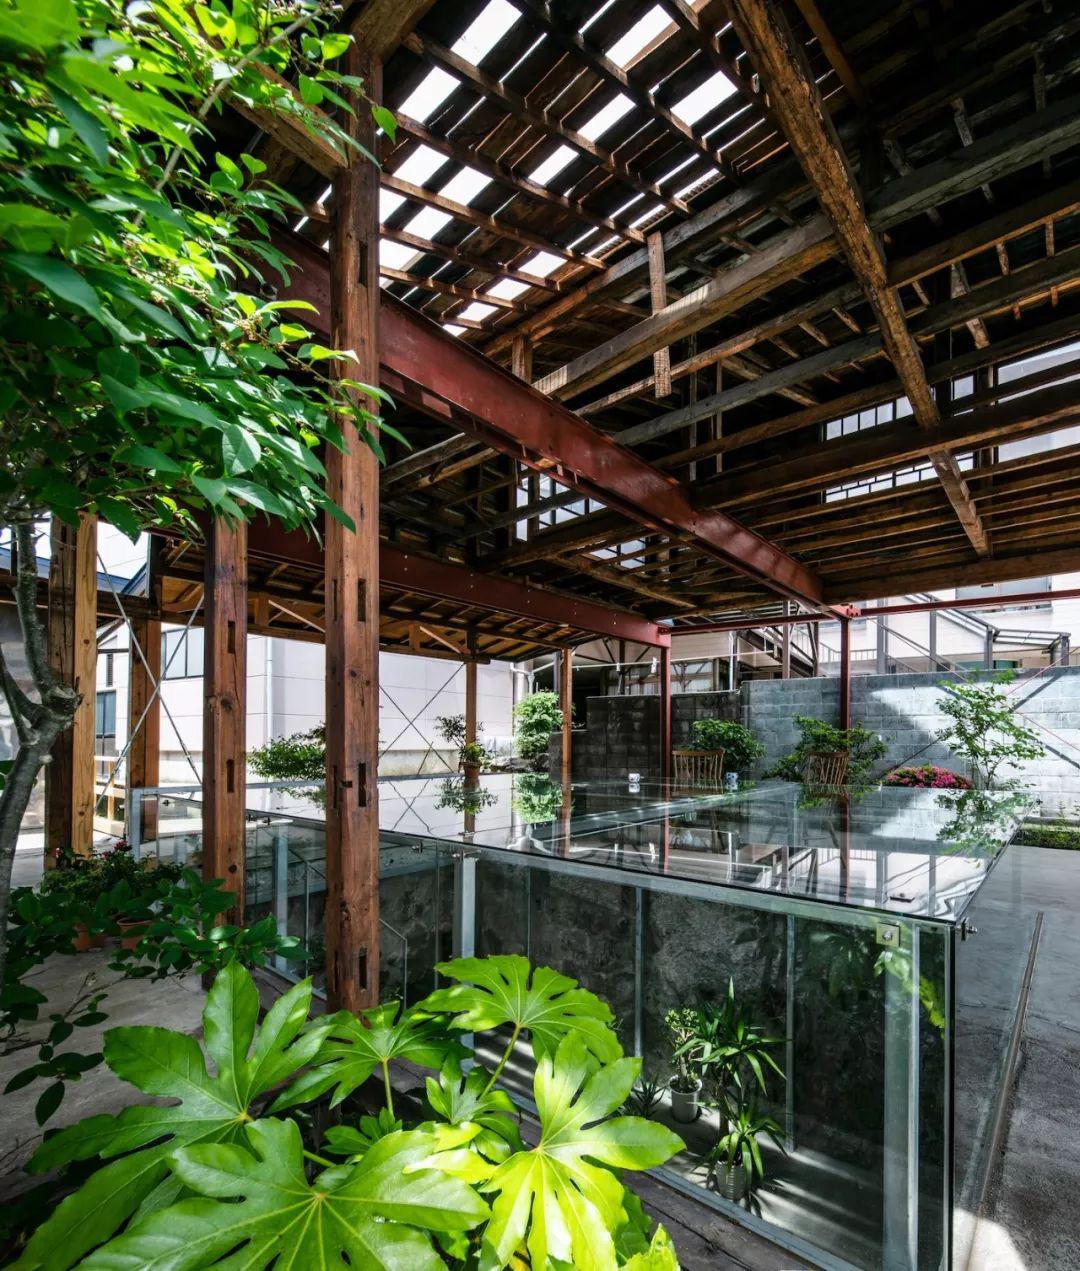 Cặp vợ chồng quyết định cải tạo biệt thự cổ rộng 550m2 thay bằng nhà kính gần gũi với thiên nhiên - Ảnh 18.